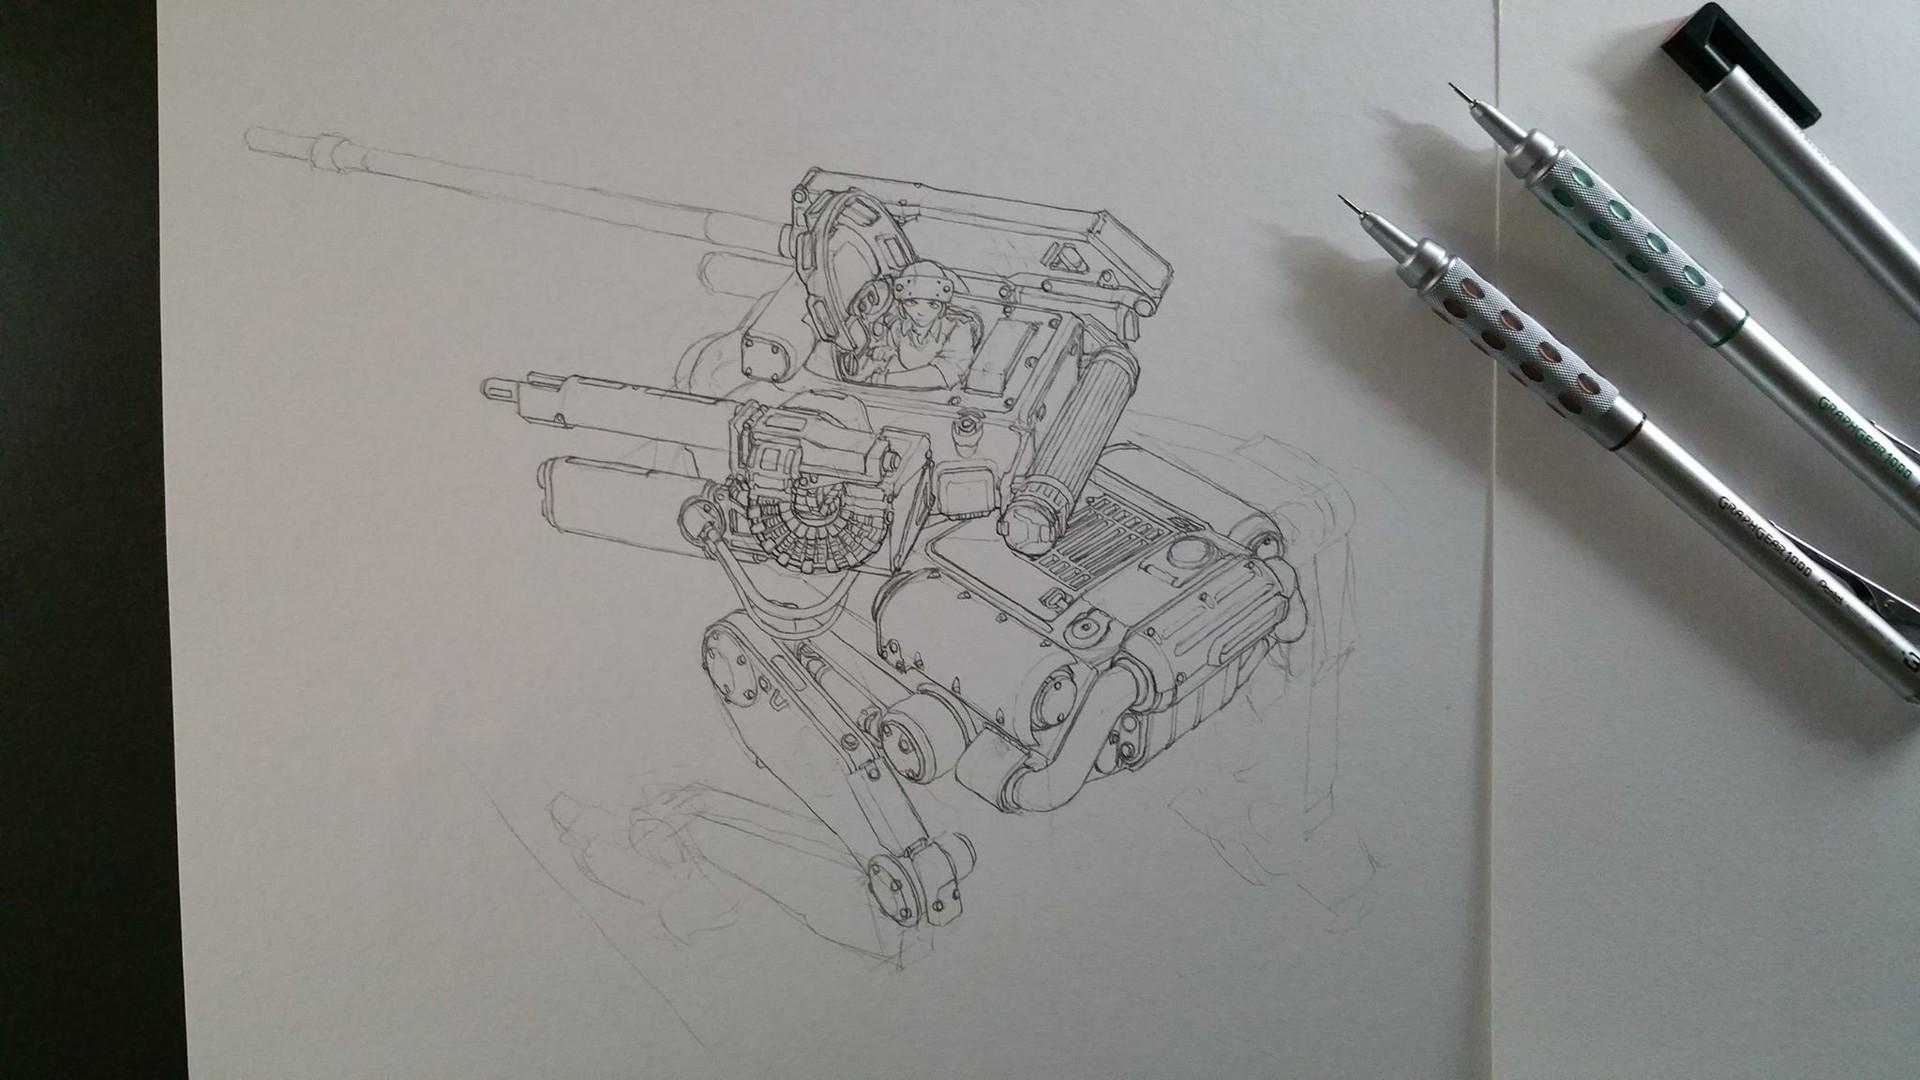 Mike doscher sketch